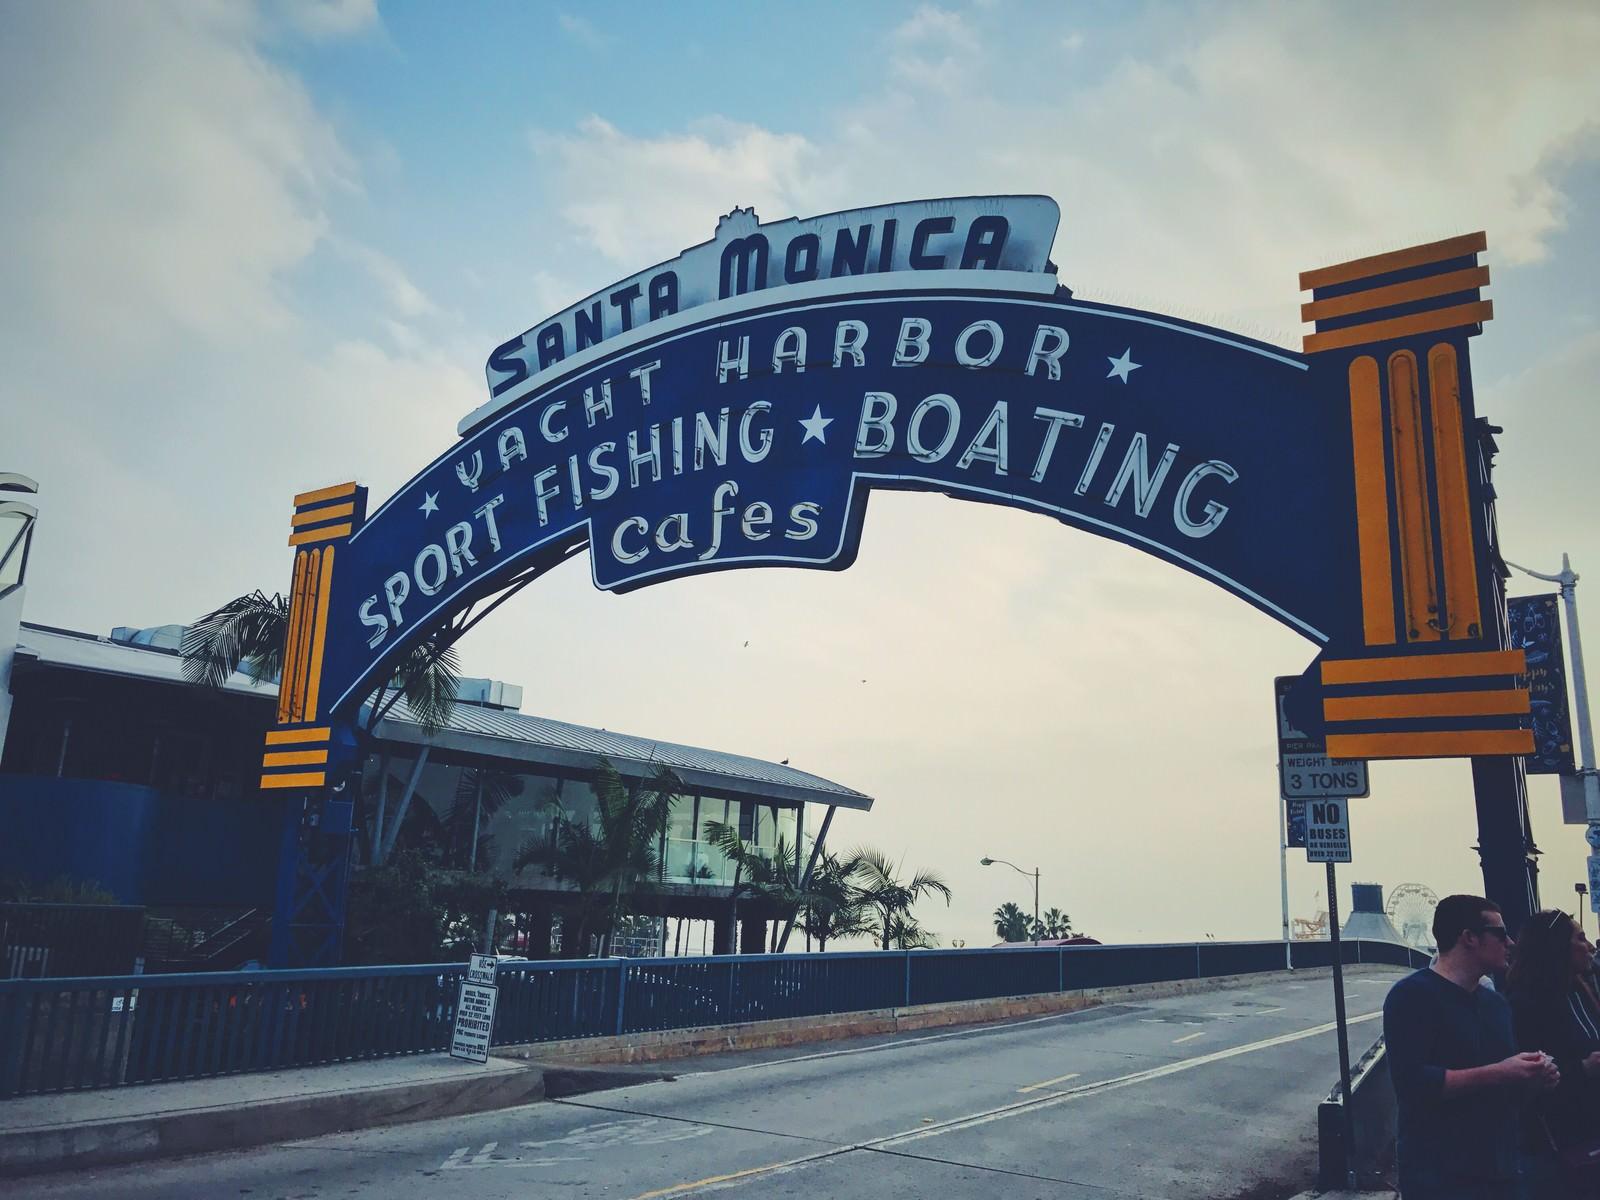 「カリフォルニア、サンタモニカのピア入口の看板カリフォルニア、サンタモニカのピア入口の看板」のフリー写真素材を拡大